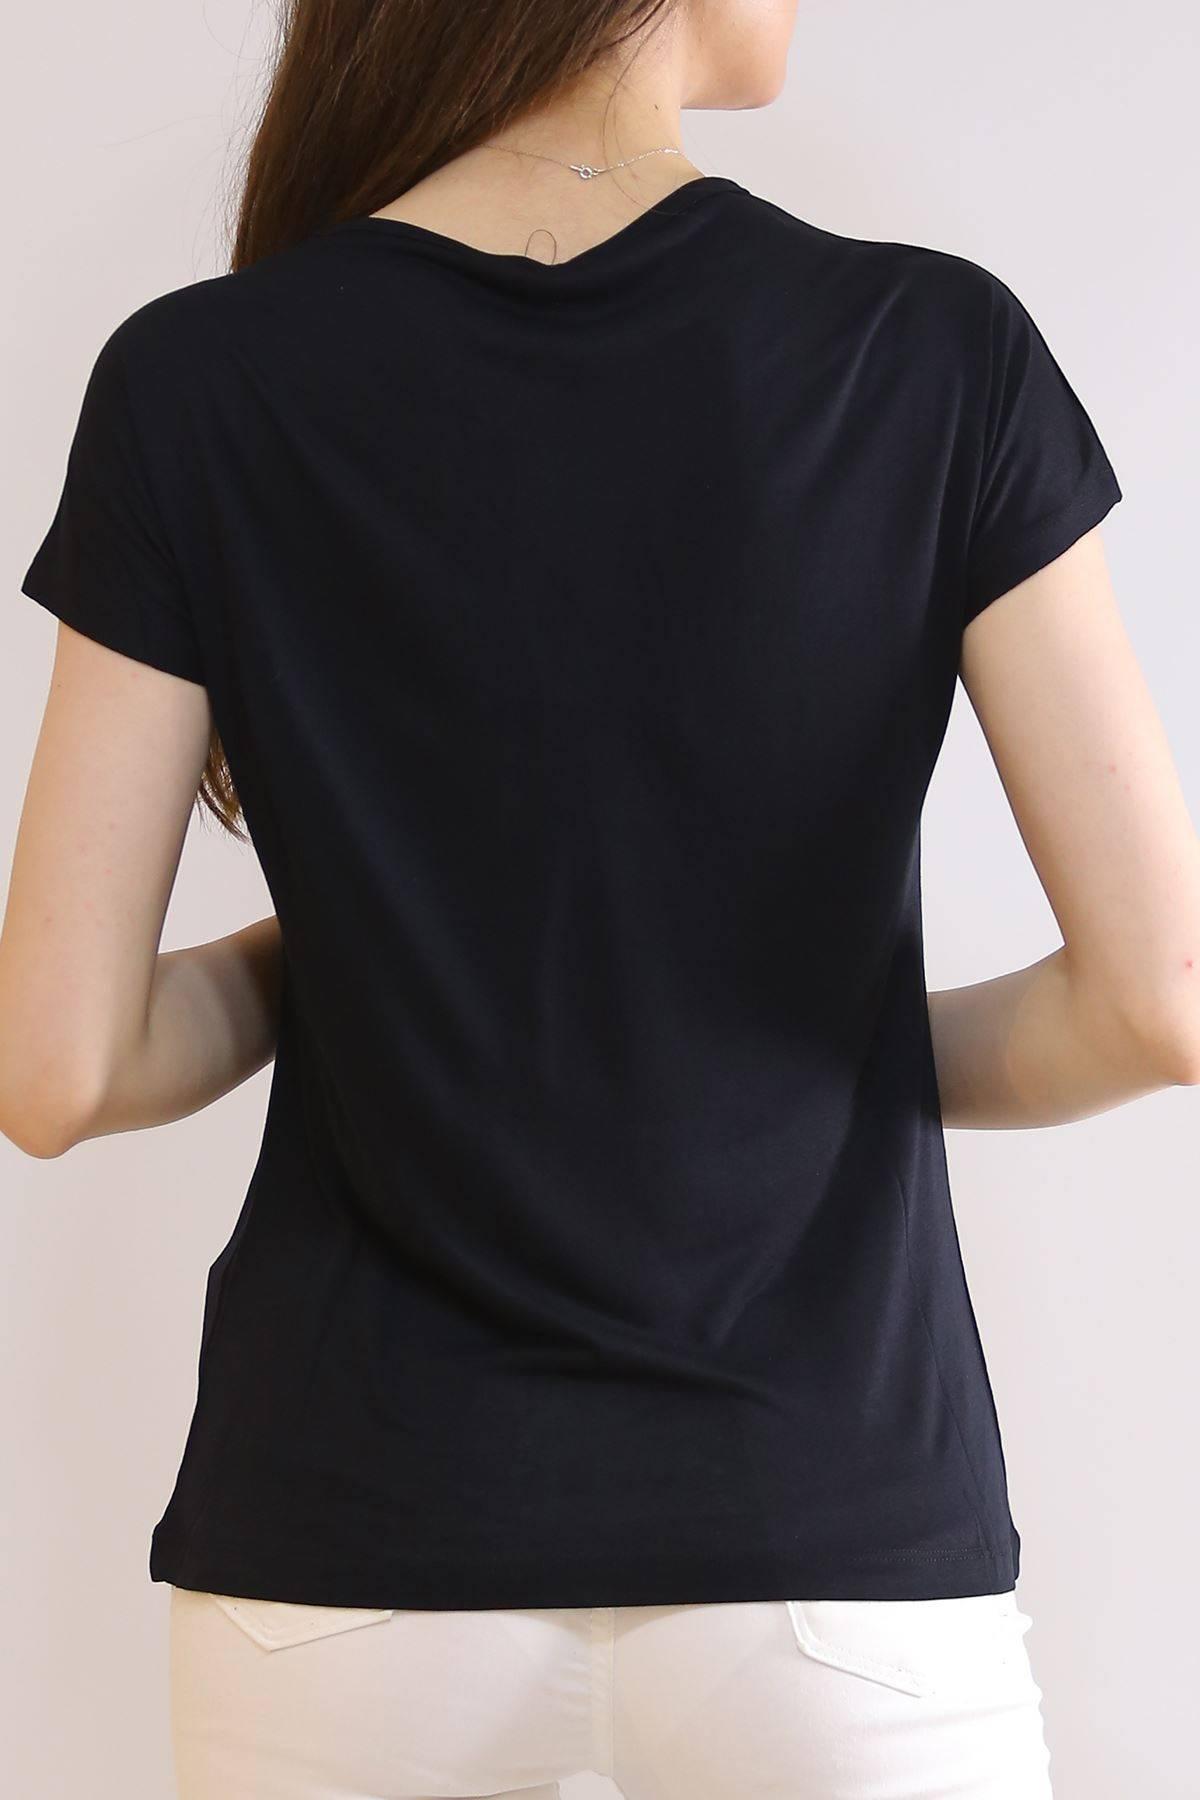 Baskılı Tişört Siyah - 19604.200.